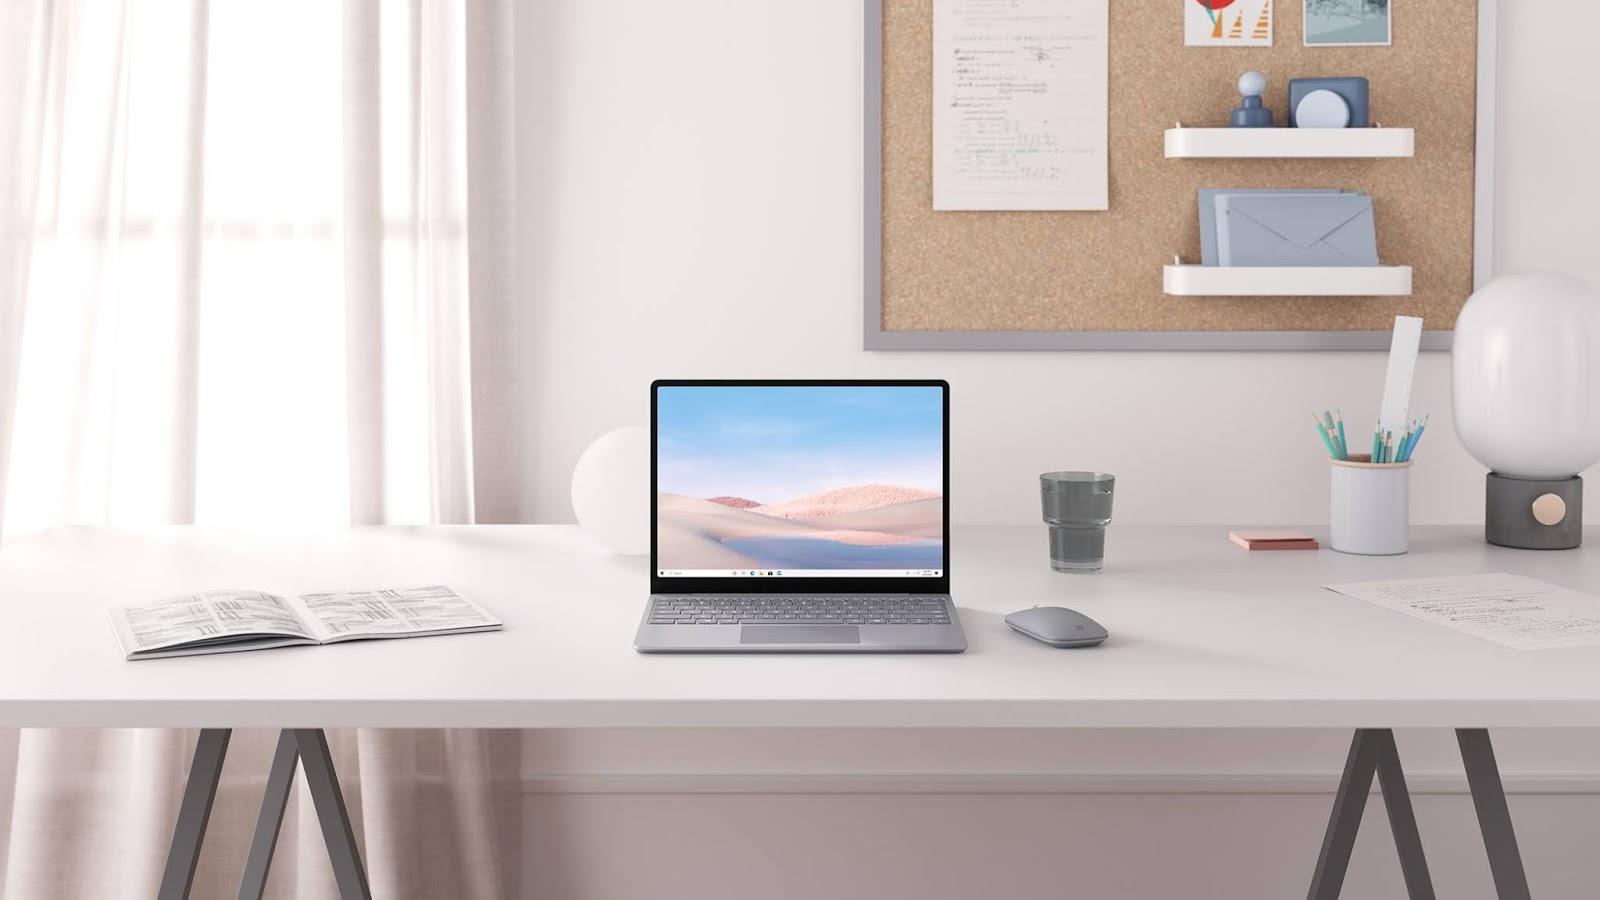 Surface Laptop Go ใหม่ โดดเด่นด้วยดีไซน์ในราคาจับต้องได้ไมโครซอฟท์เปิดพรีออร์เดอร์ Surface Laptop Go ใหม่ 5 พฤศจิกายน นี้